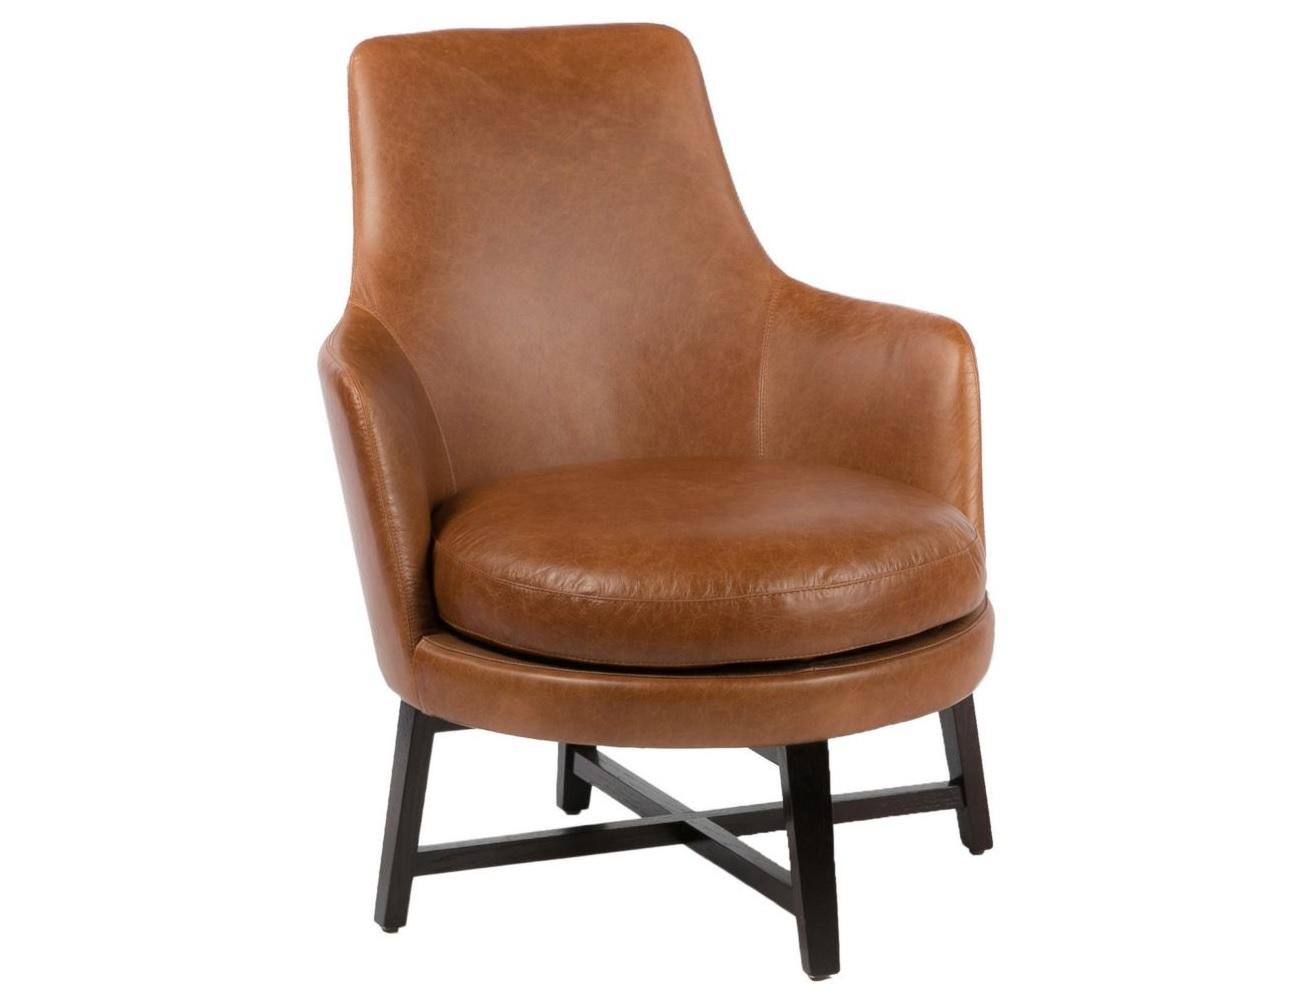 Кресло GuscioКожаные кресла<br><br><br>Material: Кожа<br>Width см: 66<br>Depth см: 80<br>Height см: 82